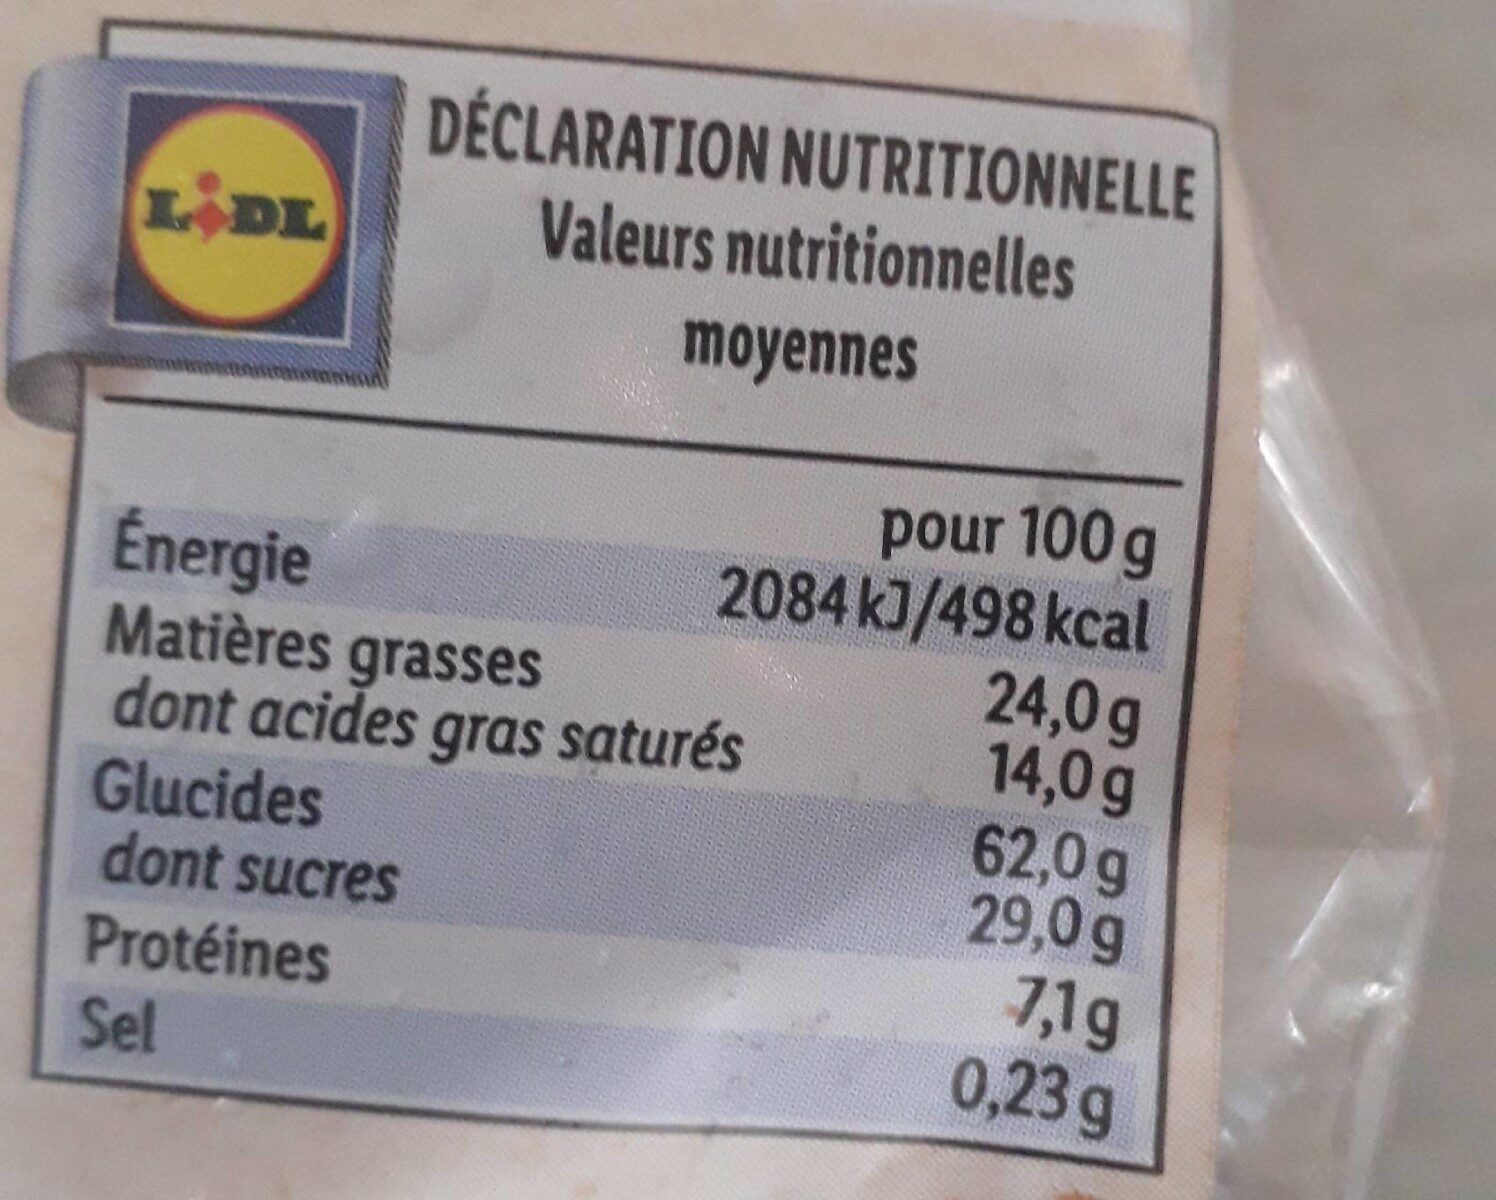 Galettes de riz chocolat au lait - Información nutricional - fr